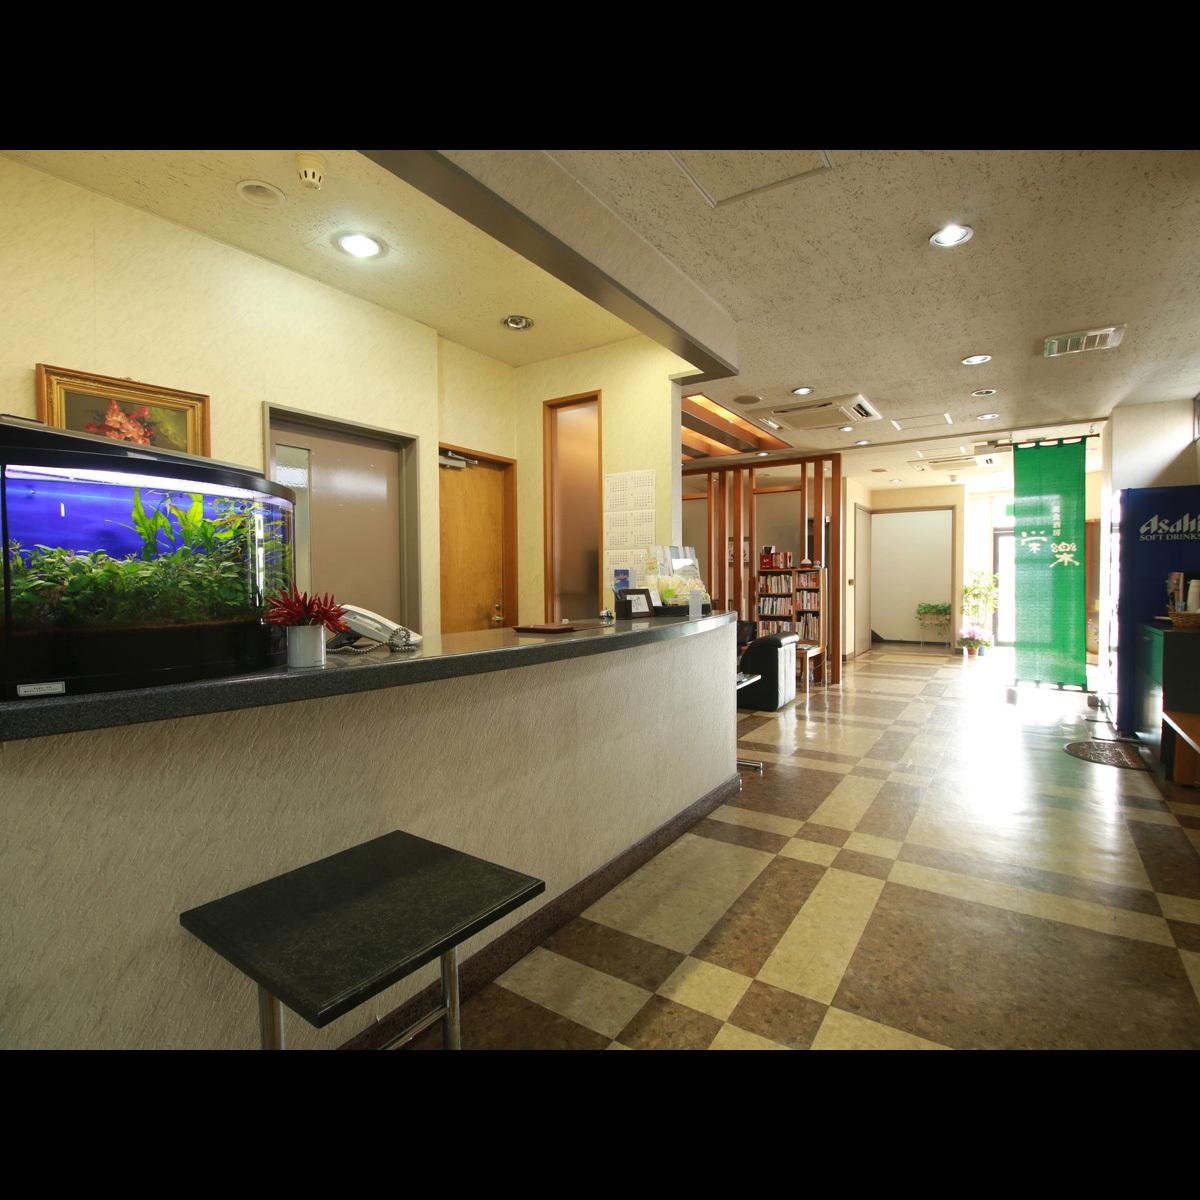 多賀ステーションホテル 関連画像 4枚目 楽天トラベル提供